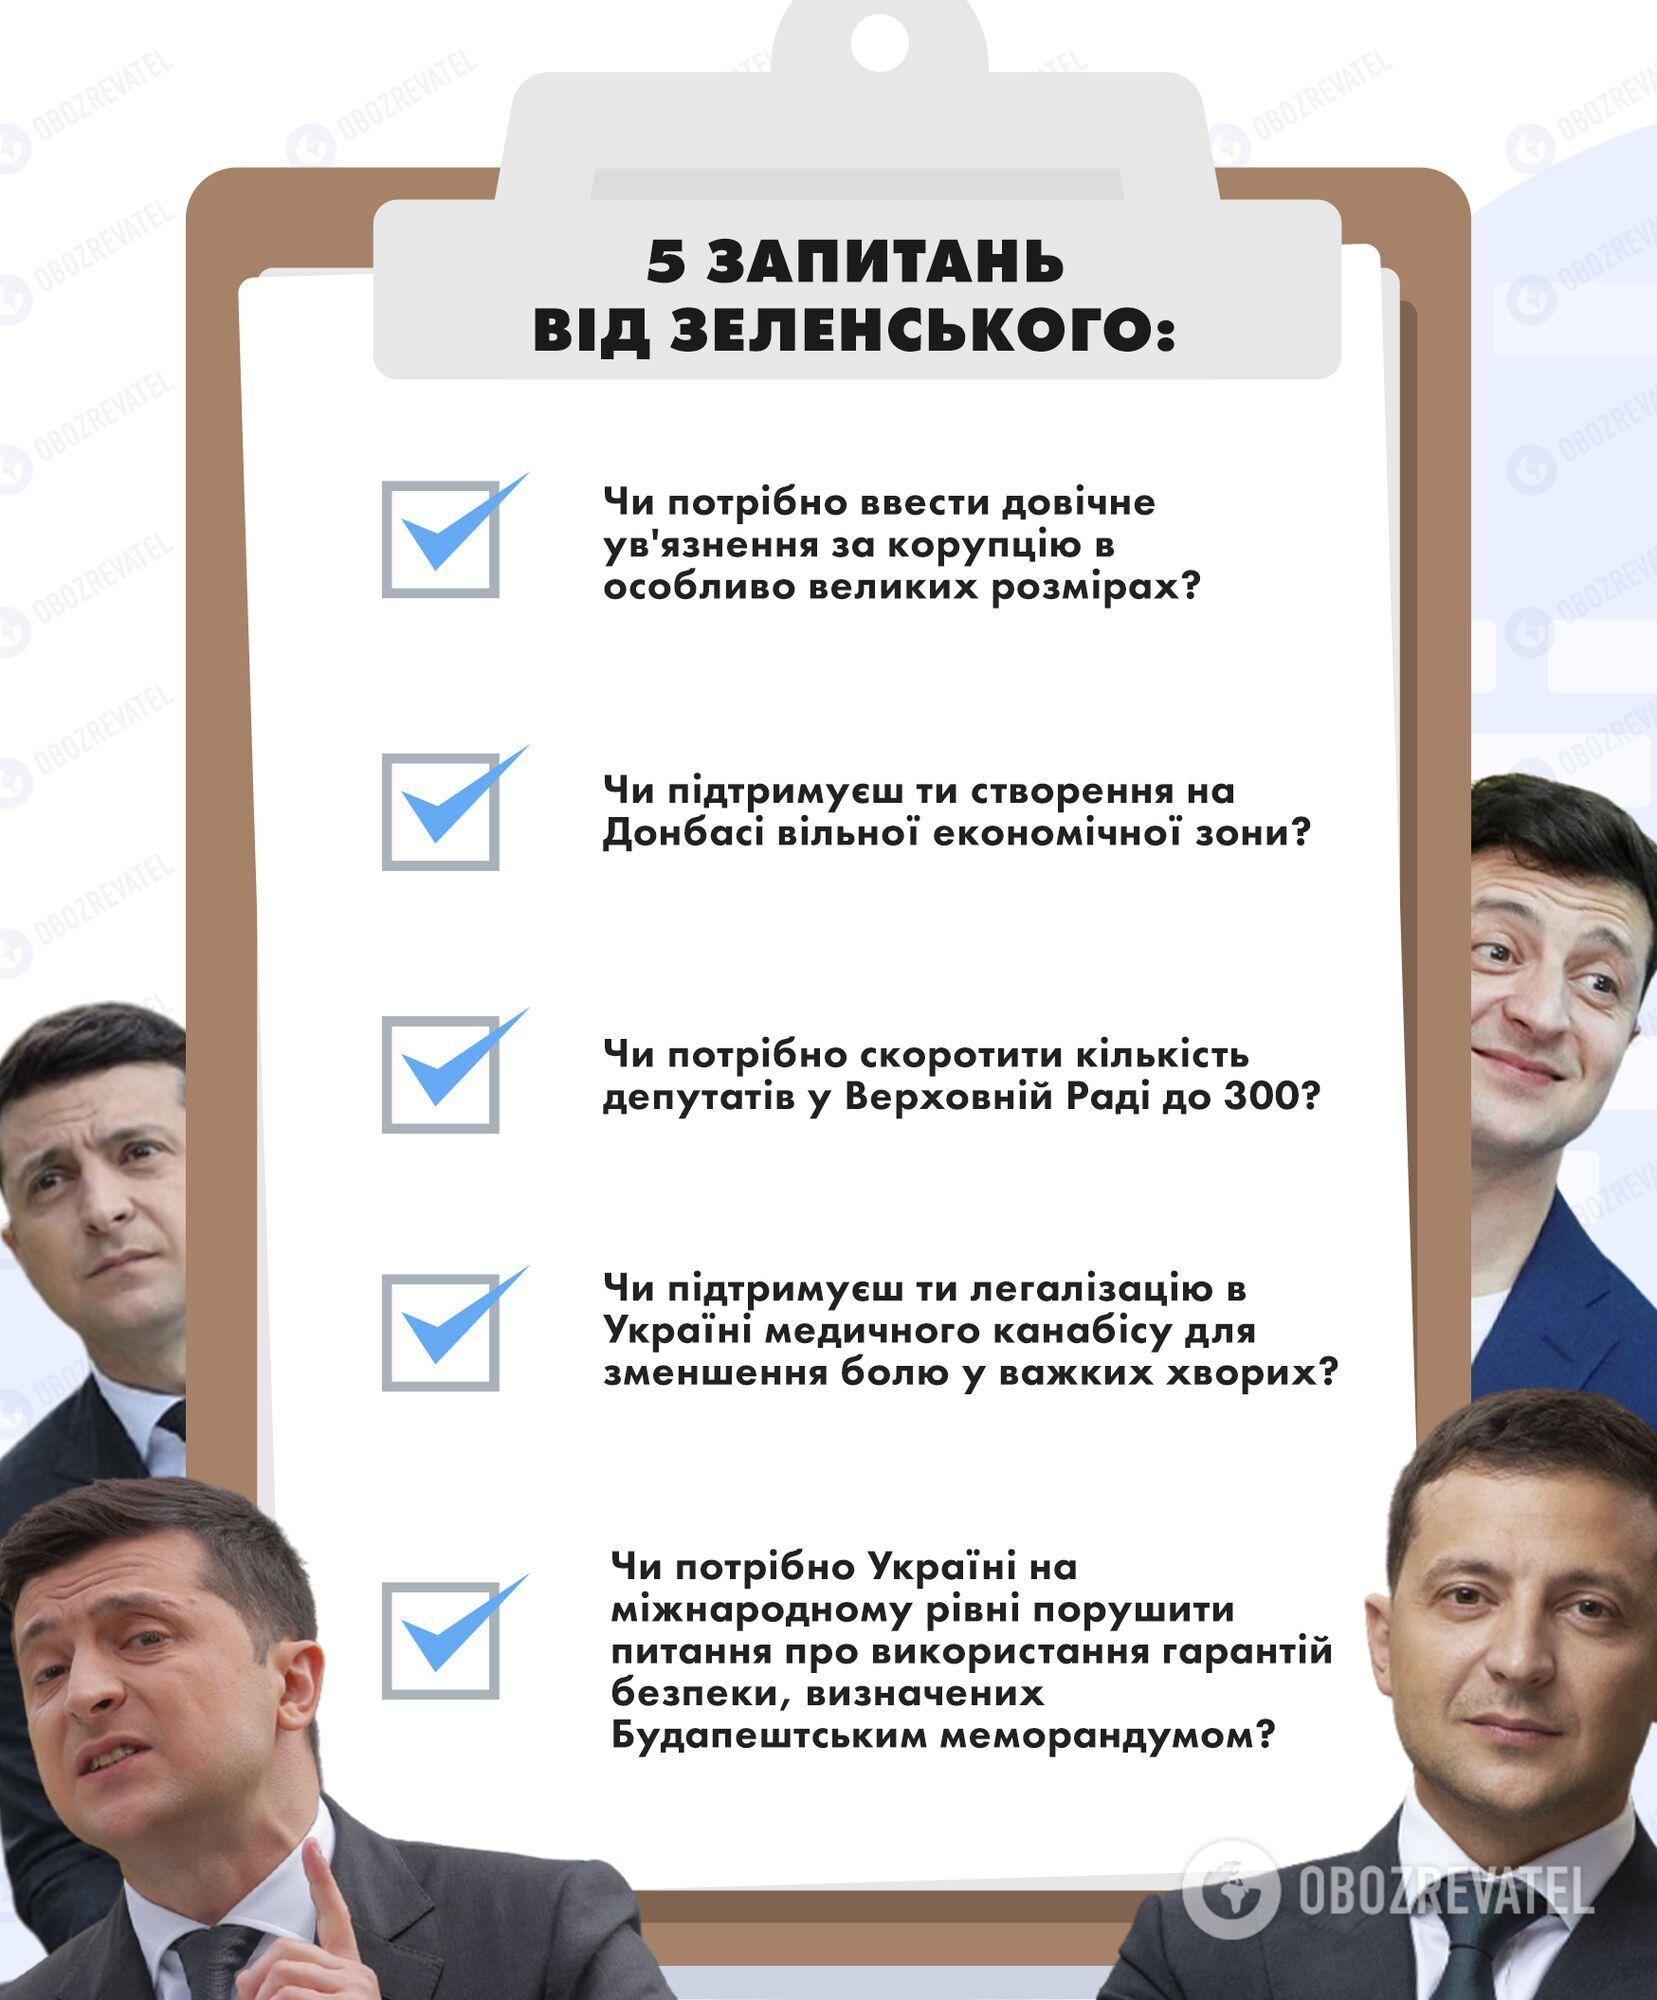 Вопрос Зеленского.